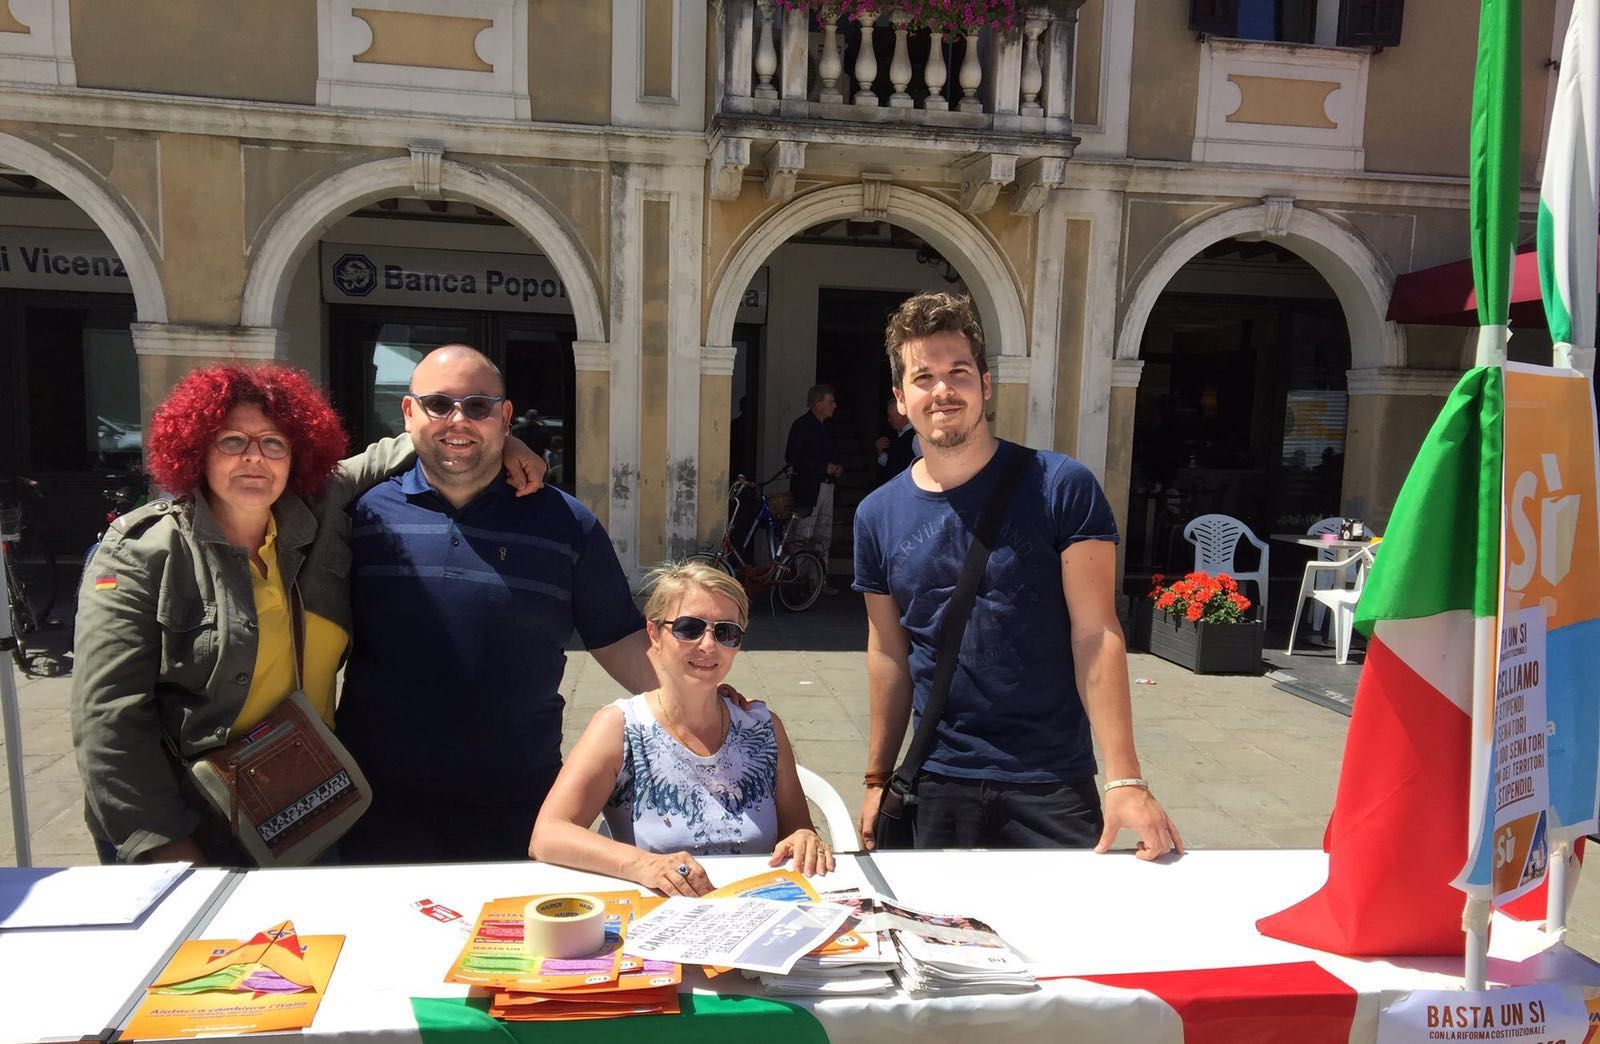 Badia Polesine c'è! continua la raccolta firme per il referendum #BASTA UN SI'